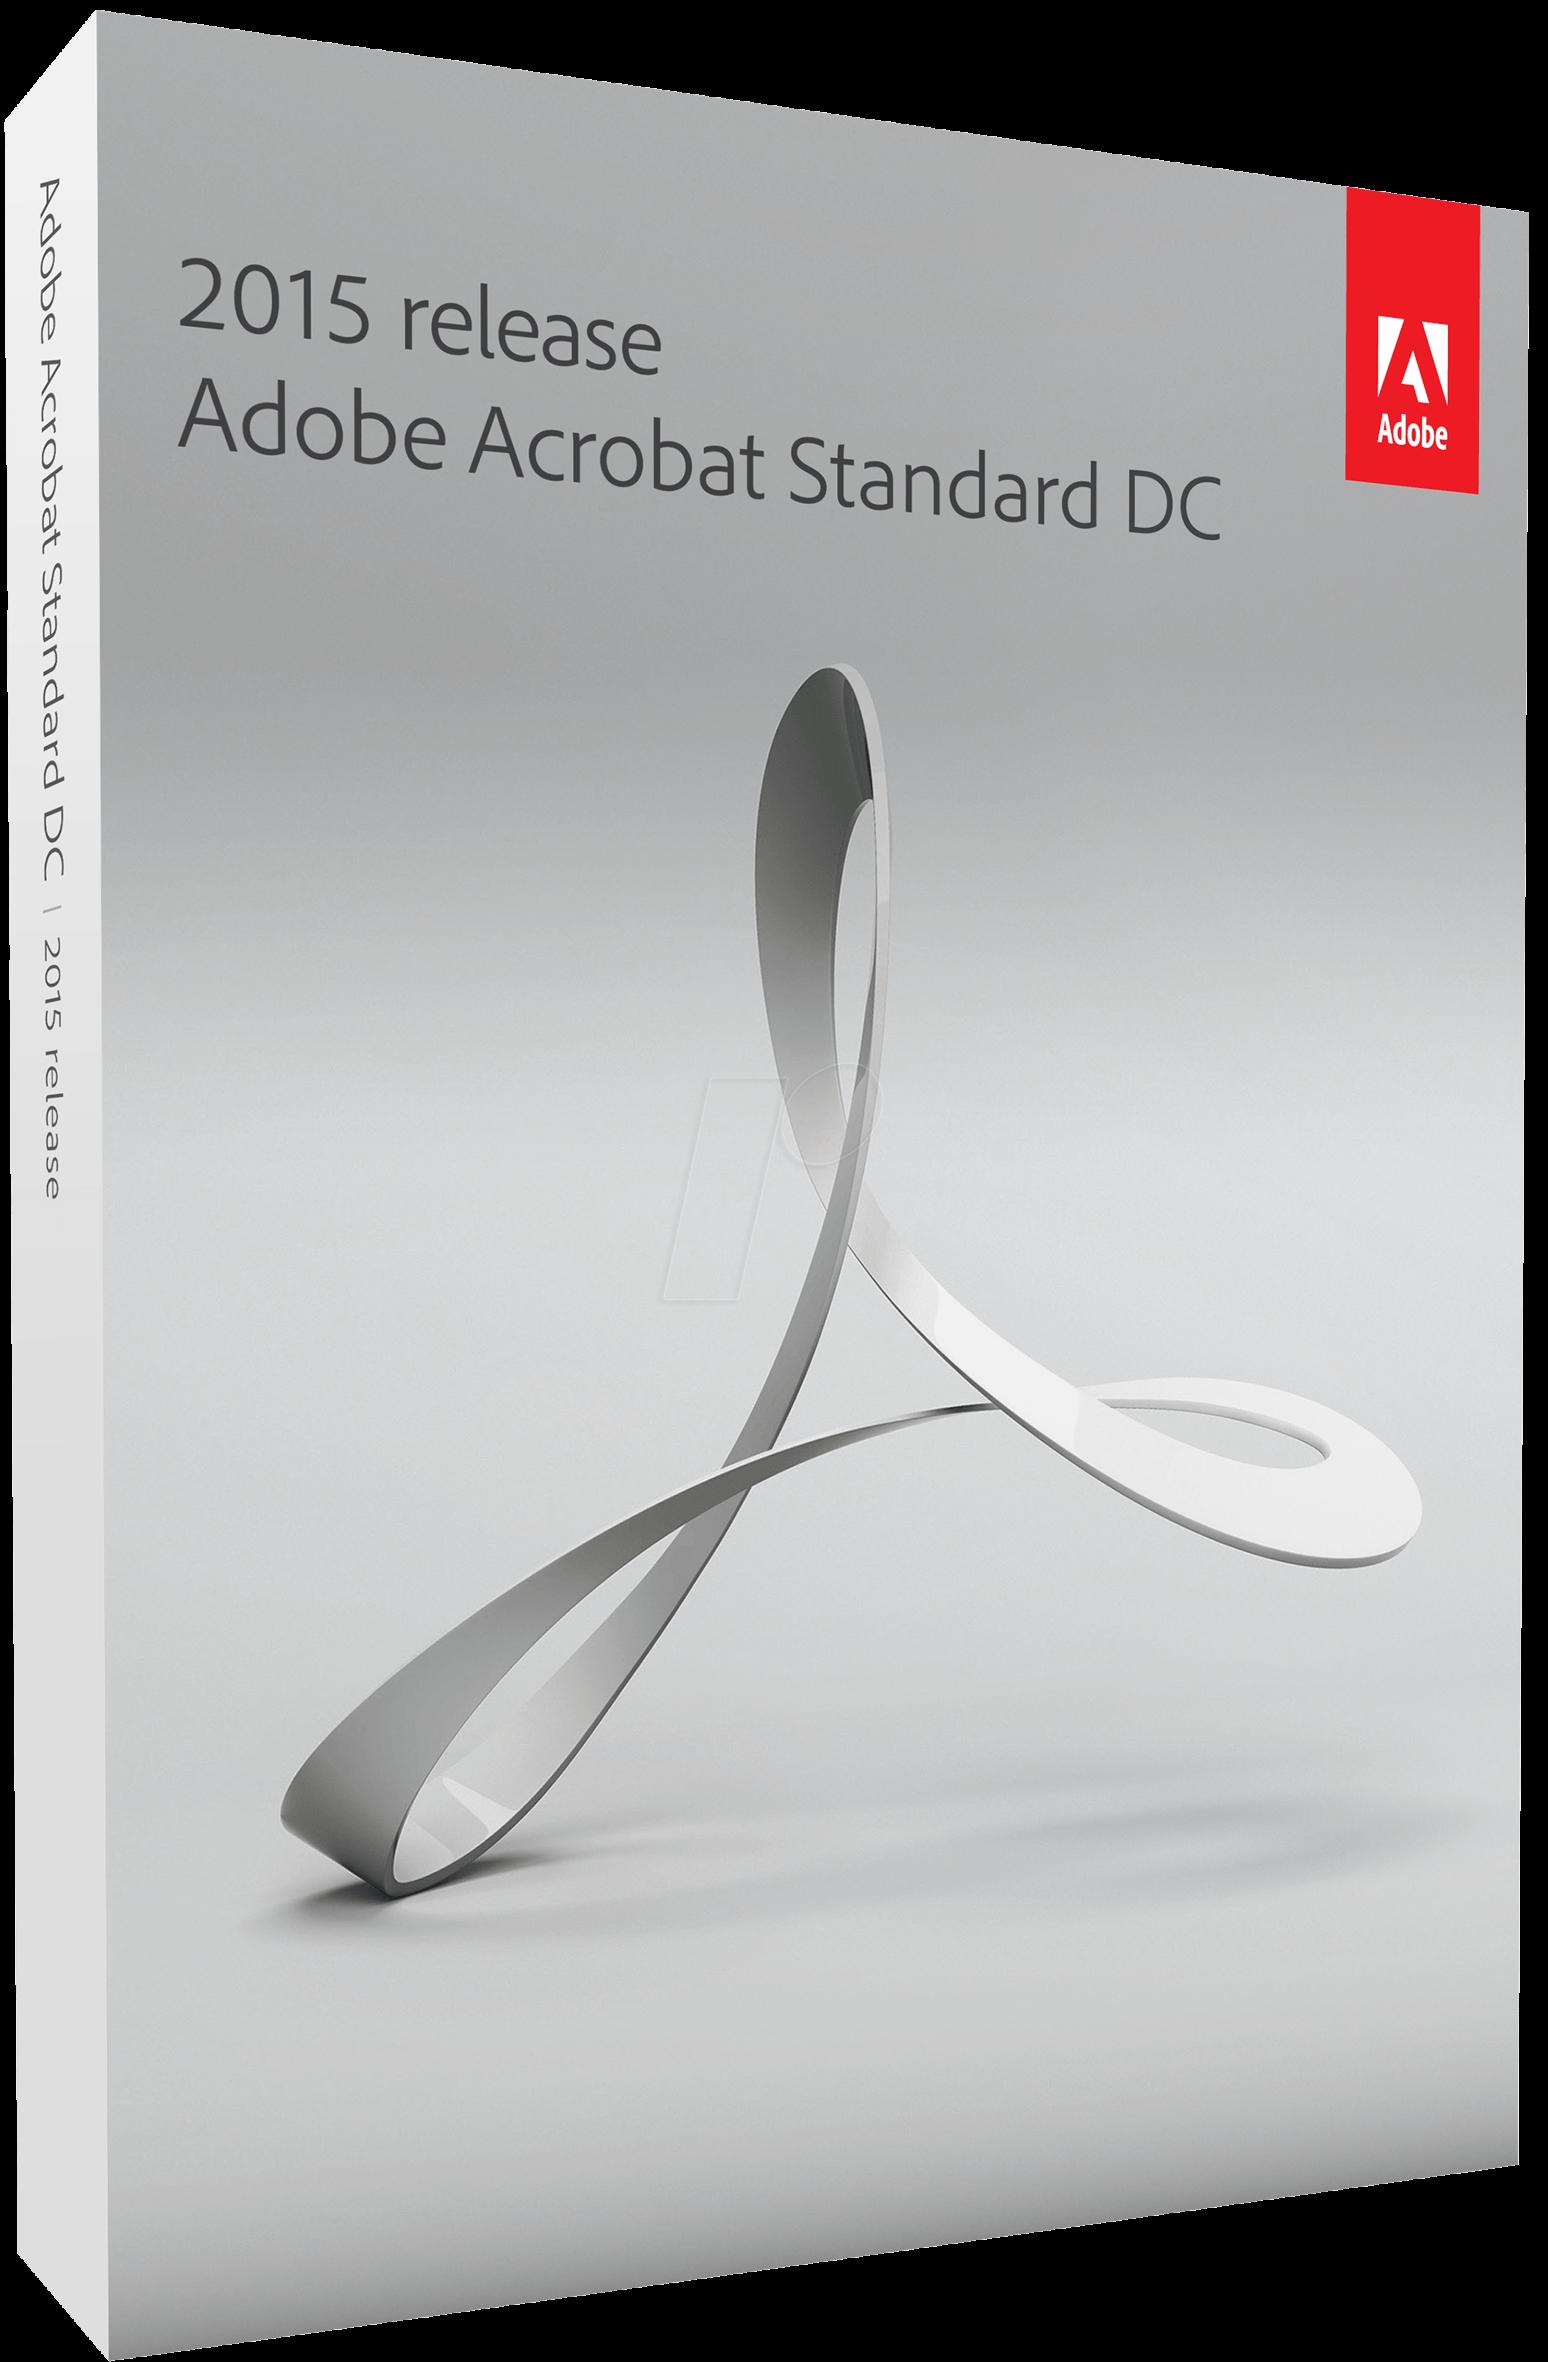 https://cdn-reichelt.de/bilder/web/xxl_ws/E910/ADOBE_ACROBAT_DC_STANDARD_01.png